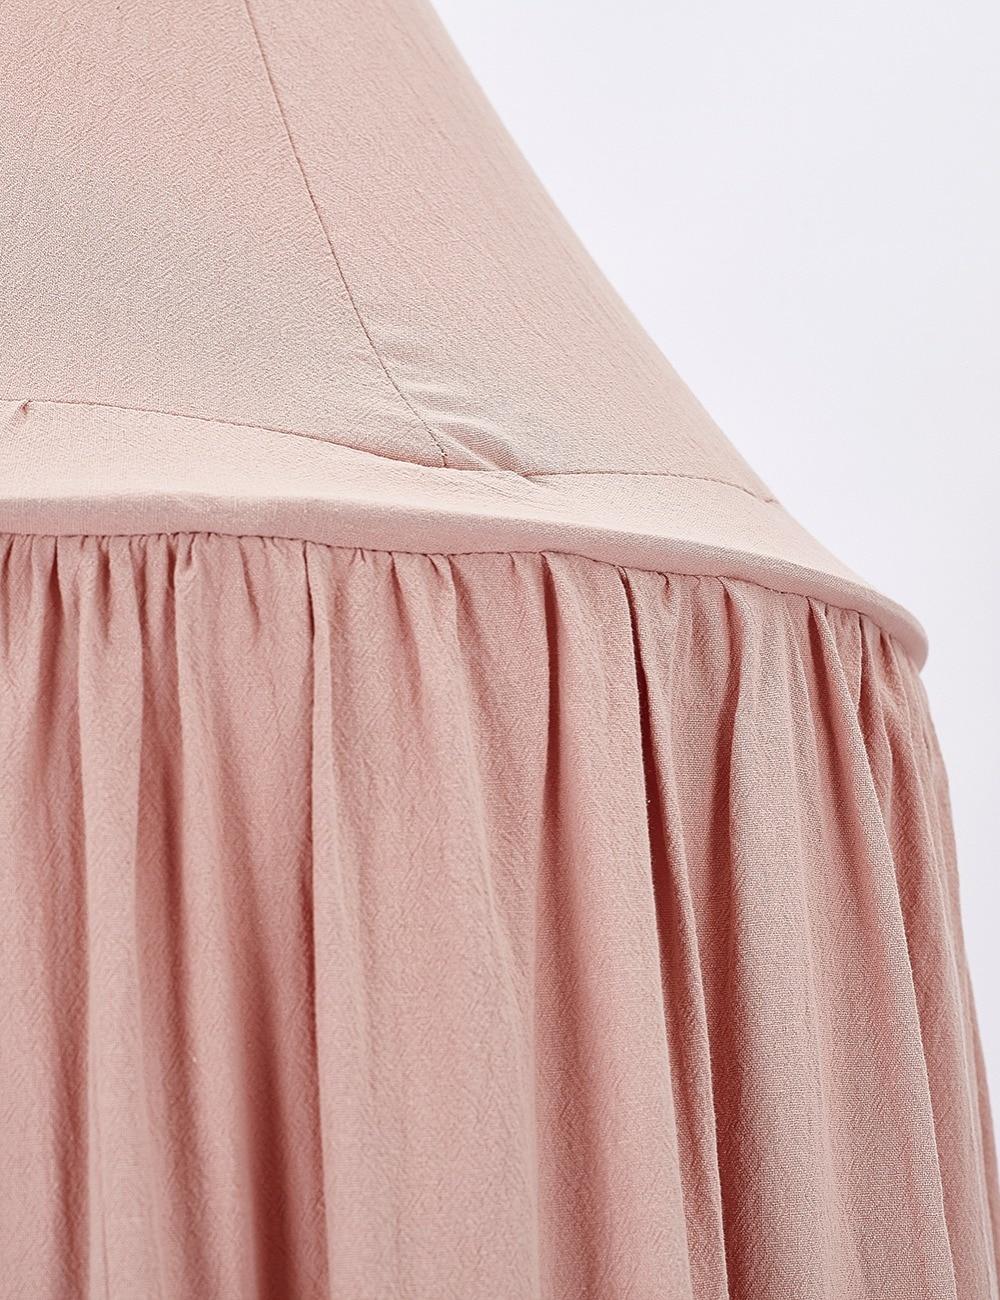 Детская кровать сетка занавес Детская комната украшения кроватки плетения детские палатки хлопок висел купол Детские Москитная сетка рекв...